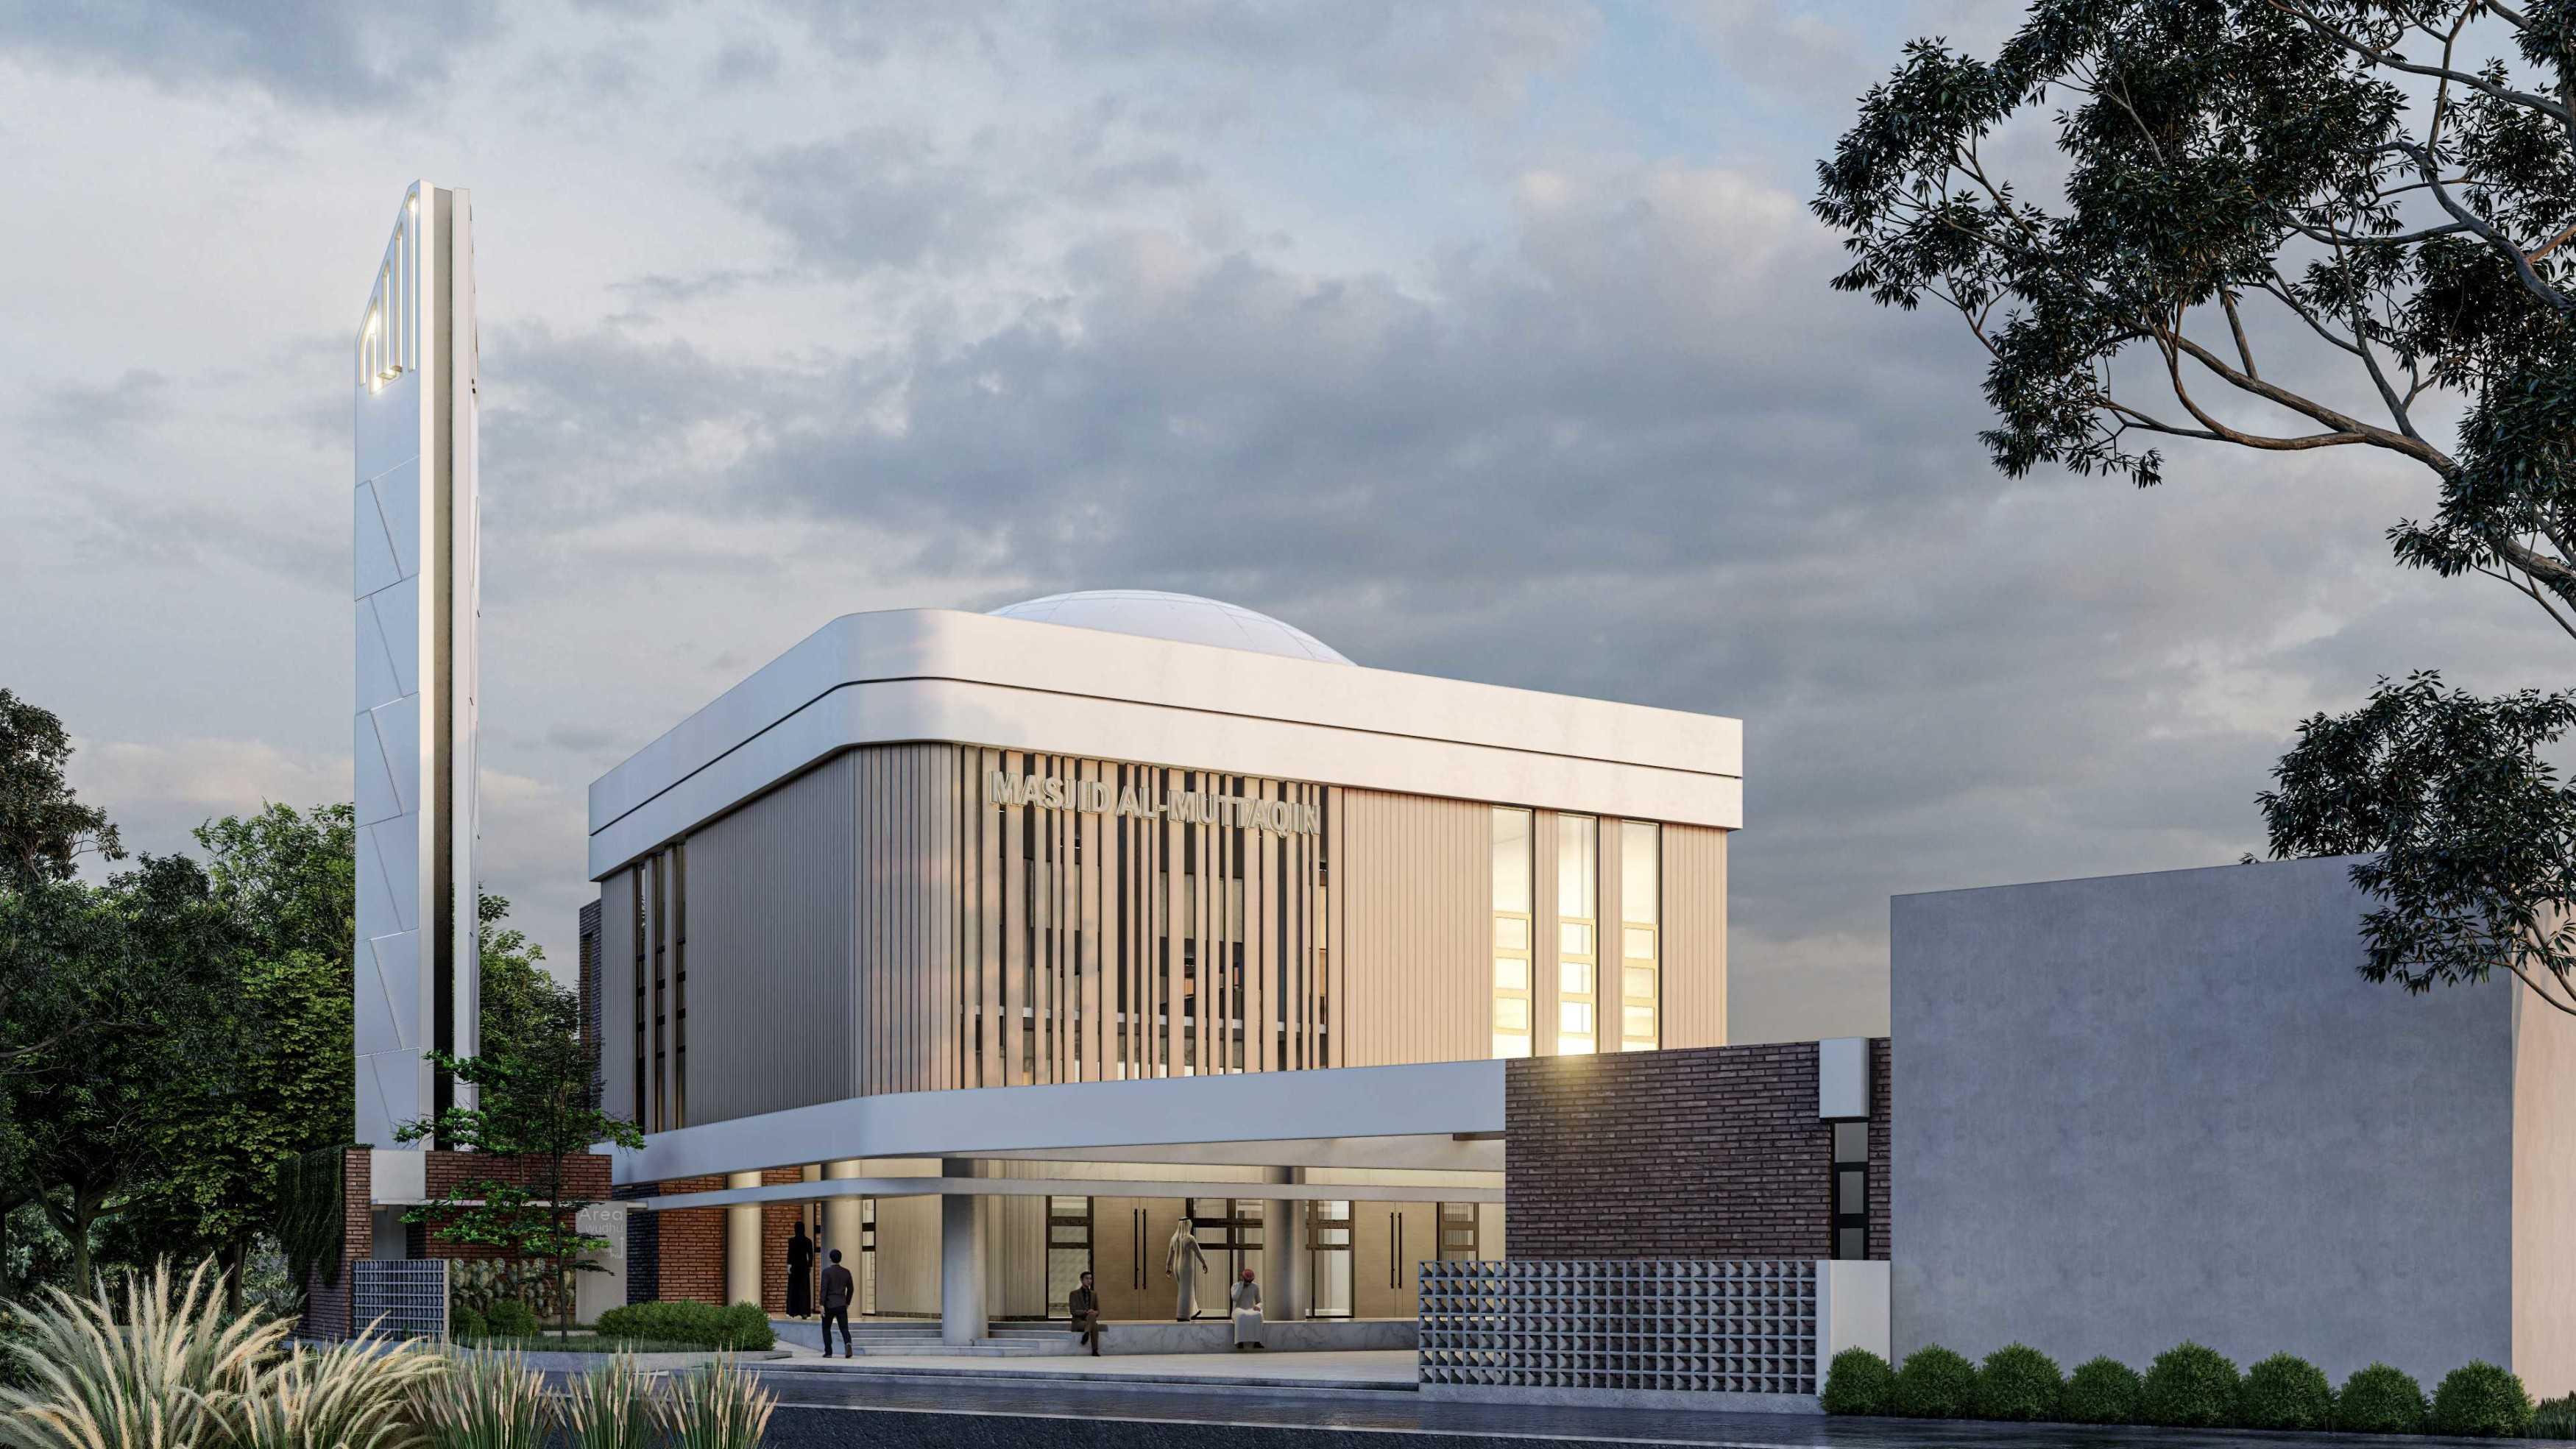 iap-architect-al-muttaqin-mosque-desain1616402906-l